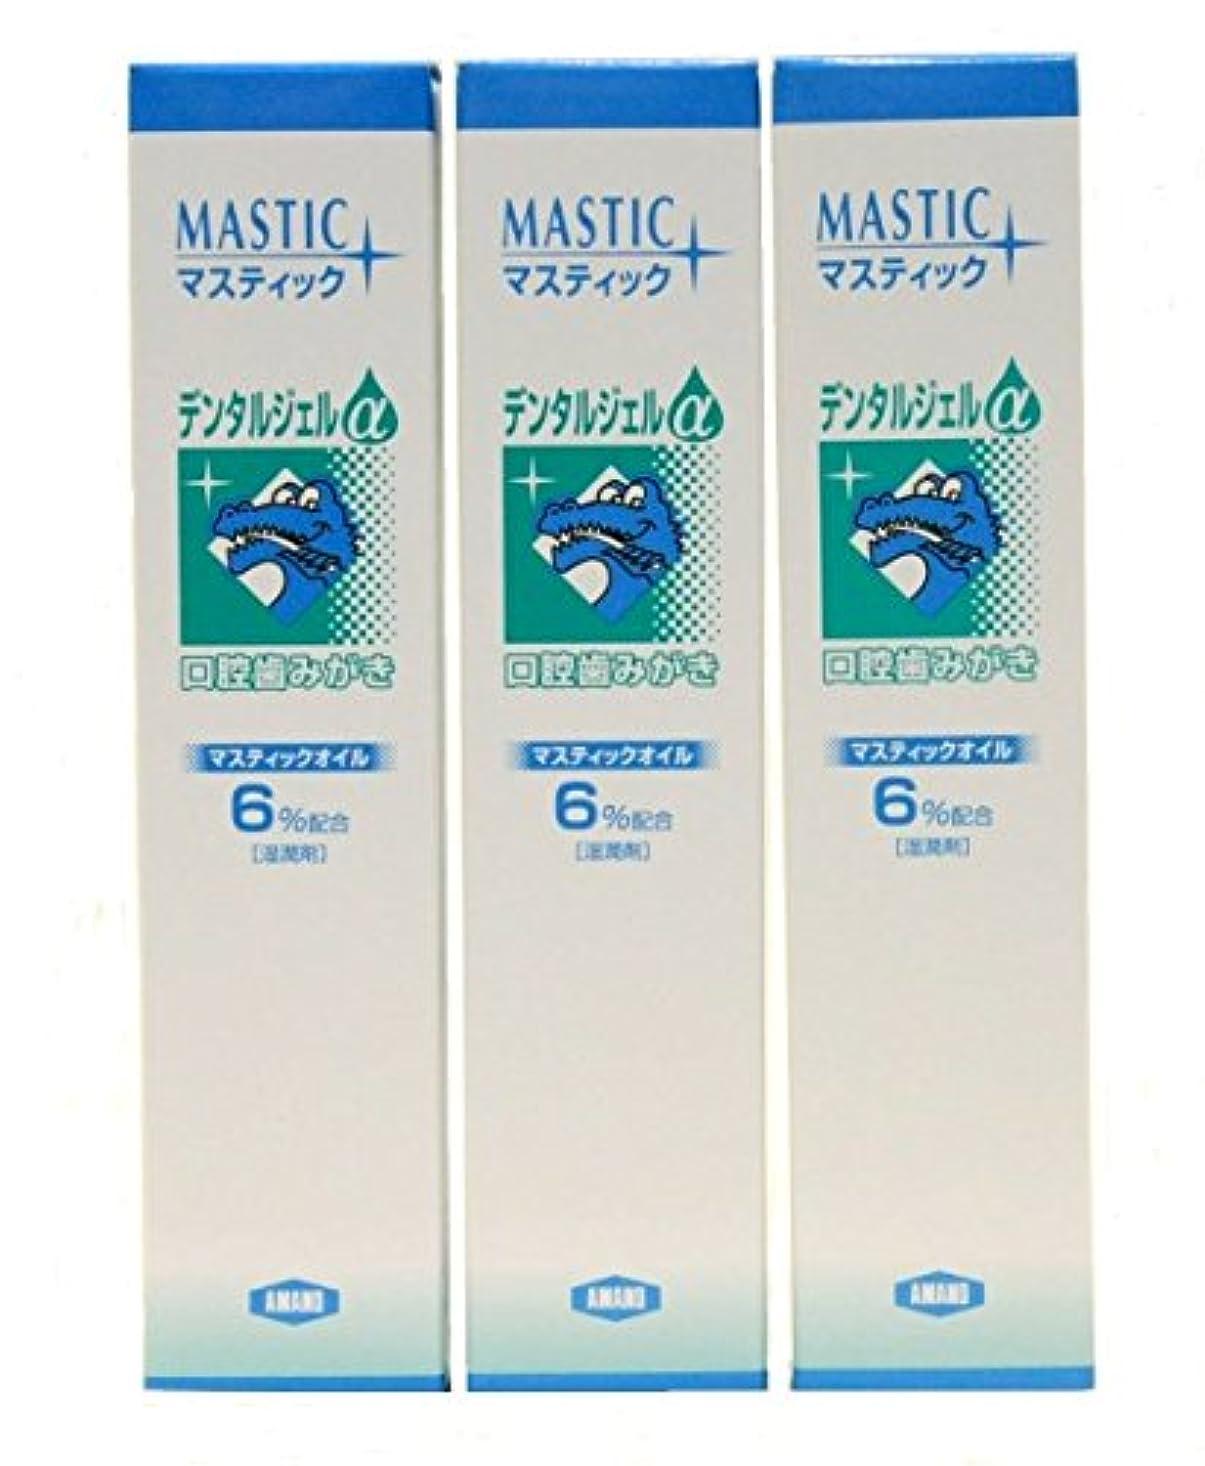 失態集中的な錫MASTIC マスティックデンタルジェルα45gX3個セット